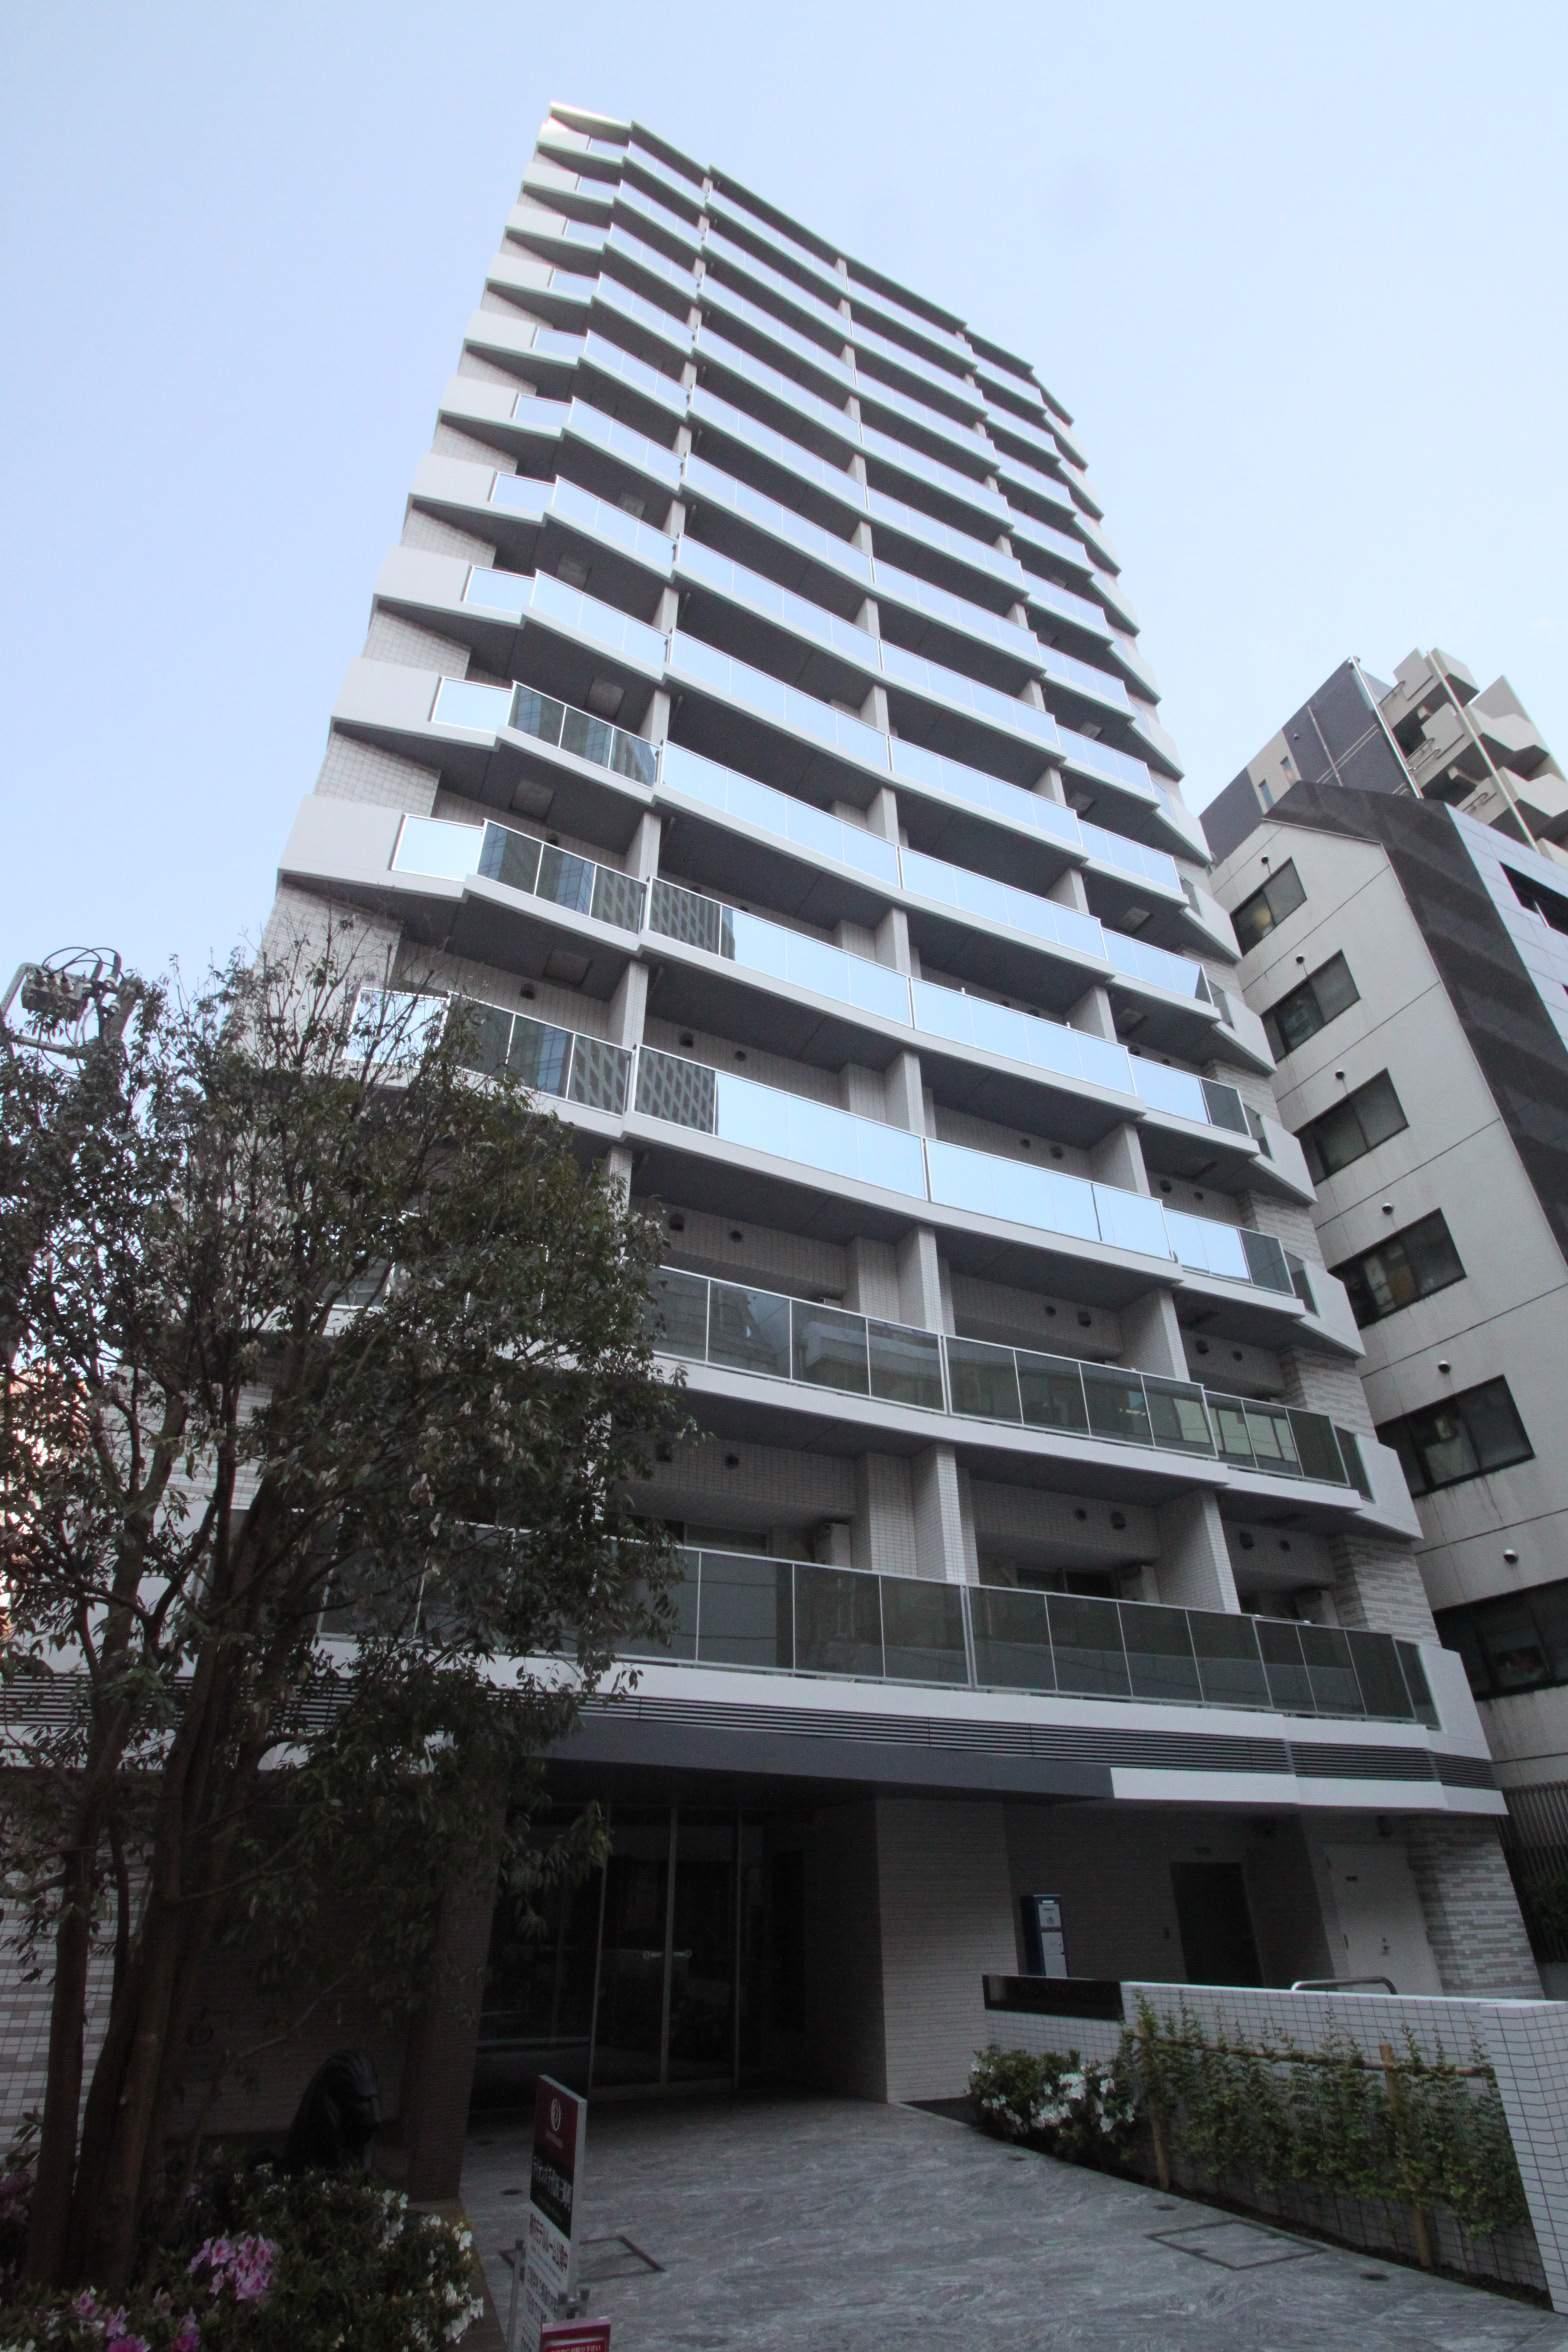 東京都千代田区、水道橋駅徒歩3分の築4年 14階建の賃貸マンション